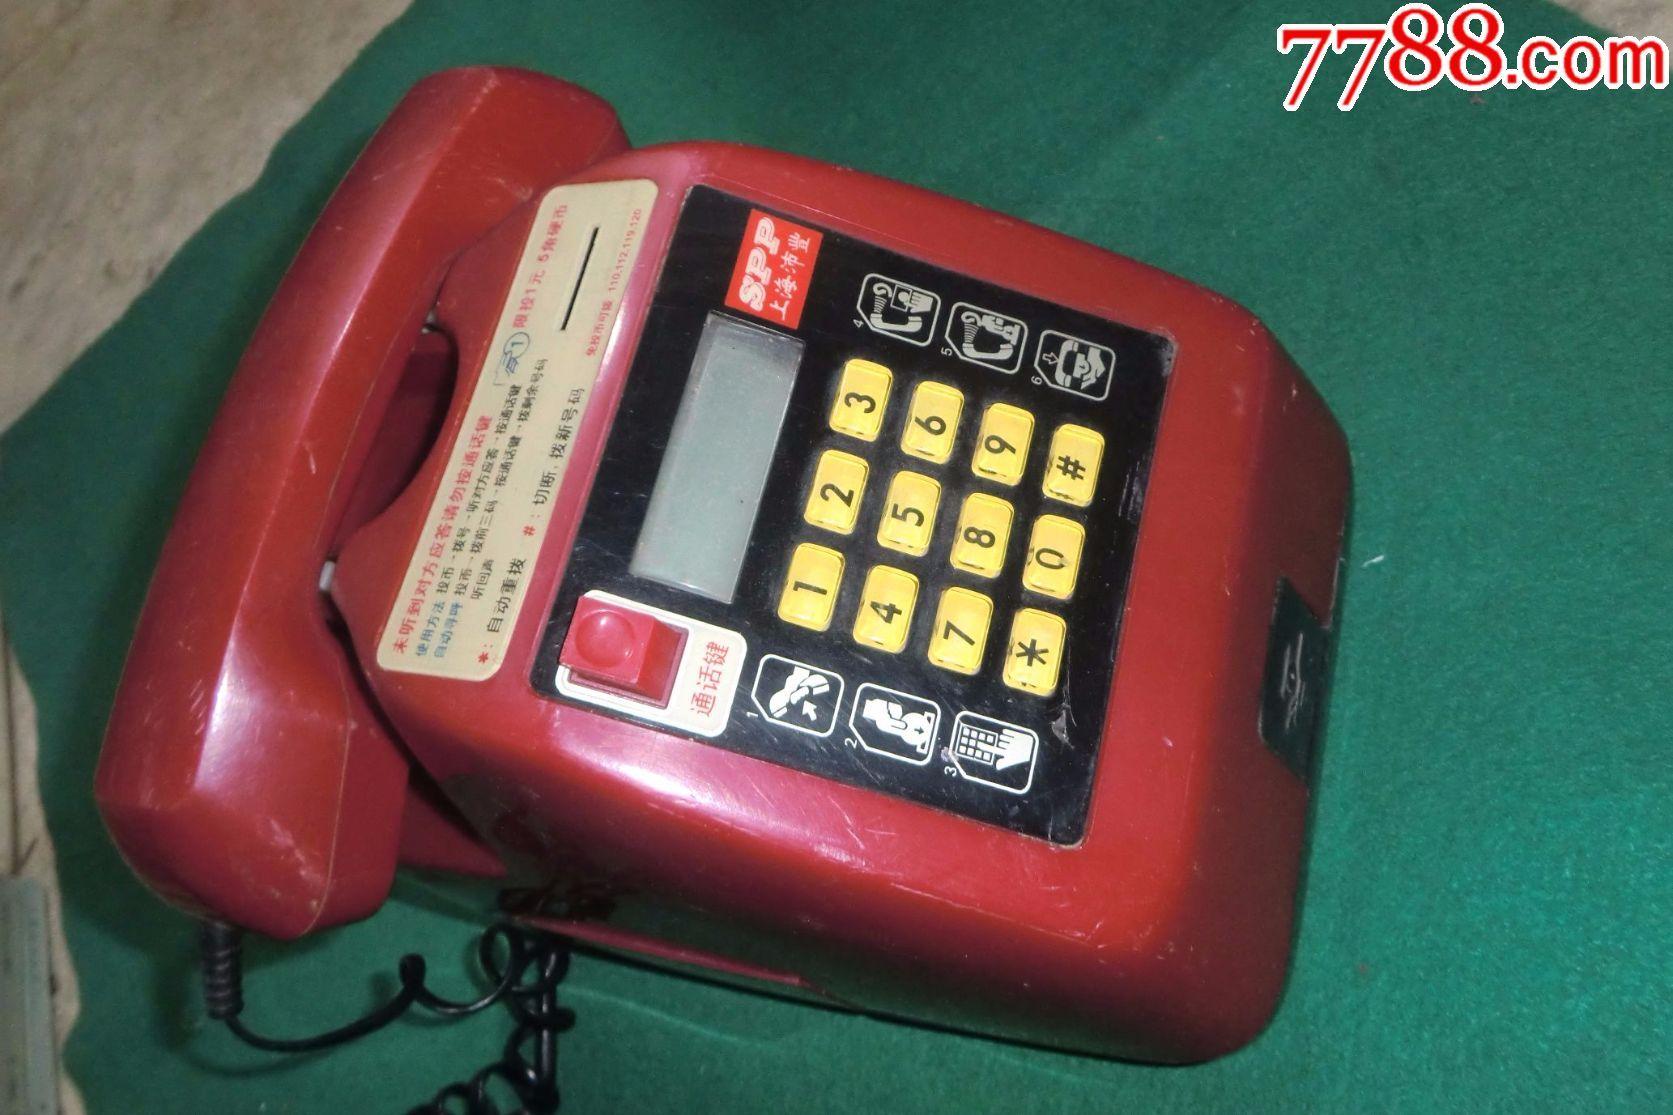 上海沛丰公用投币电话机图片